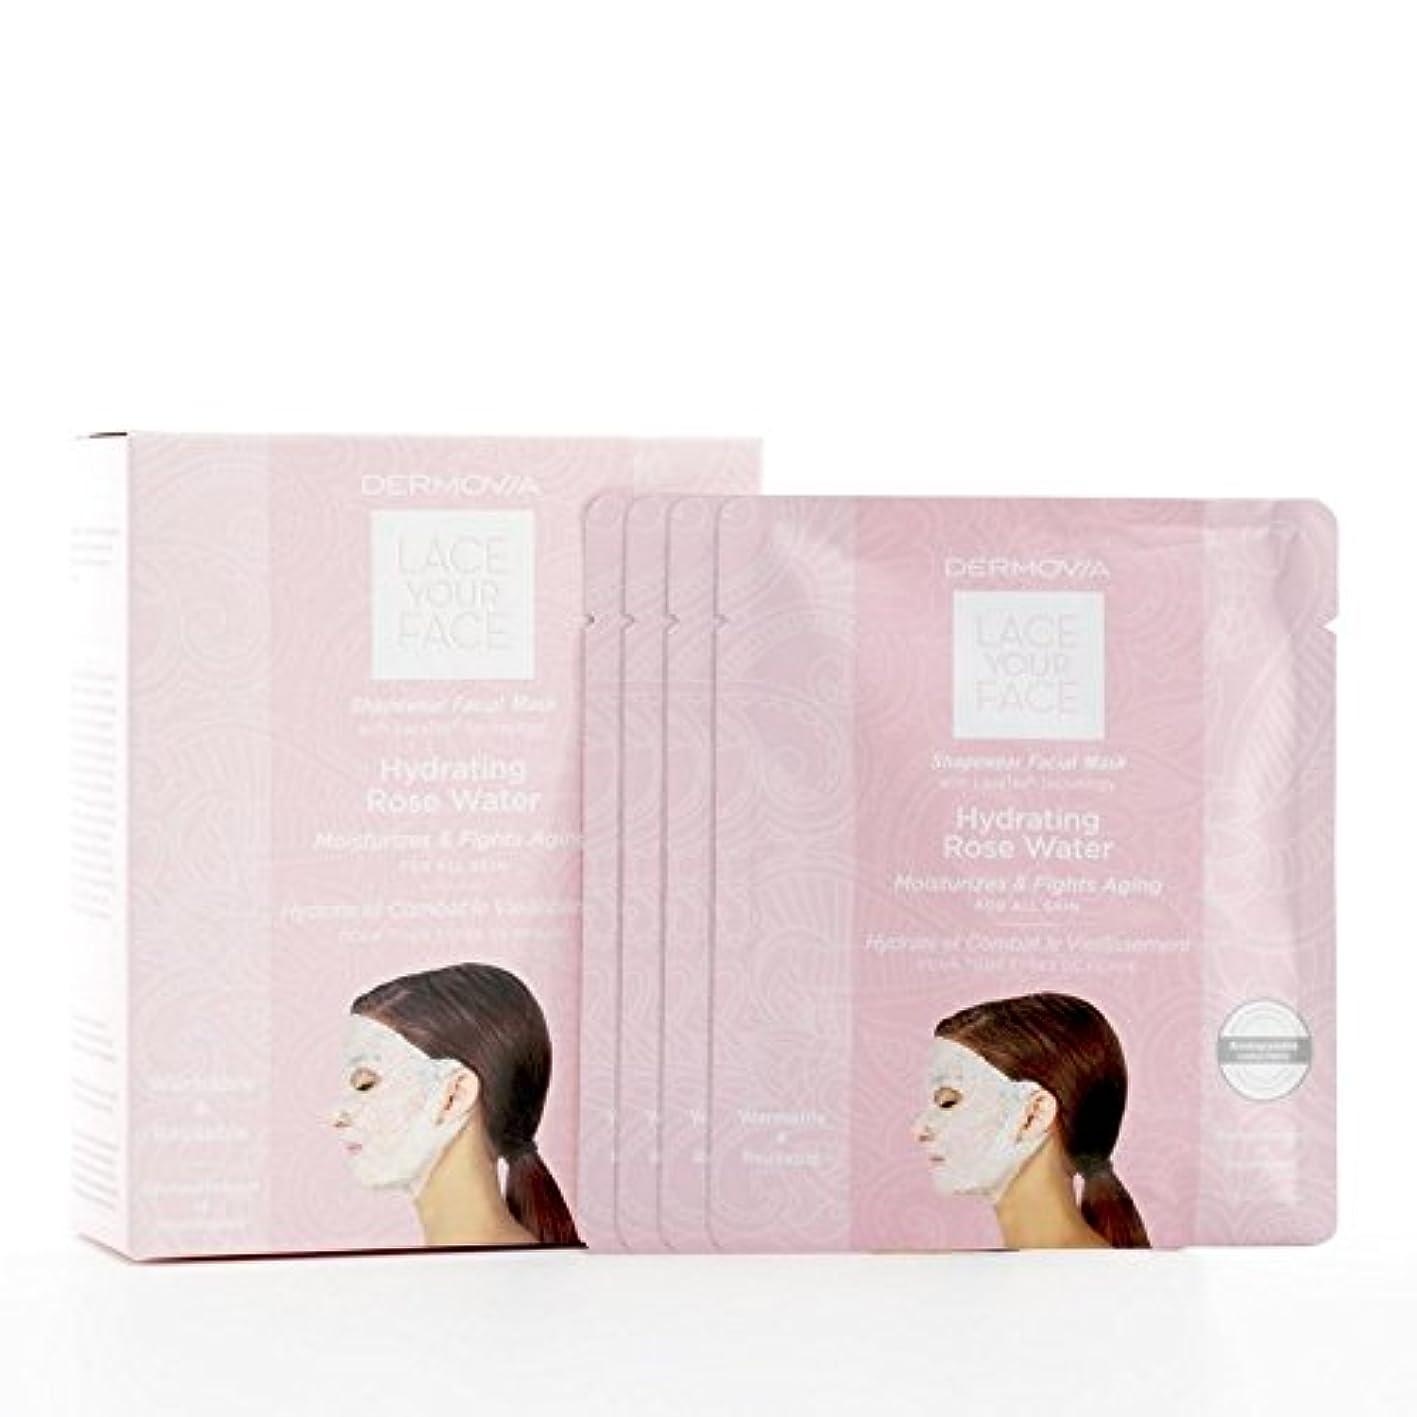 ちょうつがい悪の派生するDermovia Lace Your Face Compression Facial Mask Hydrating Rose Water (Pack of 6) - は、あなたの顔の圧縮フェイシャルマスク水和が水をバラレース...